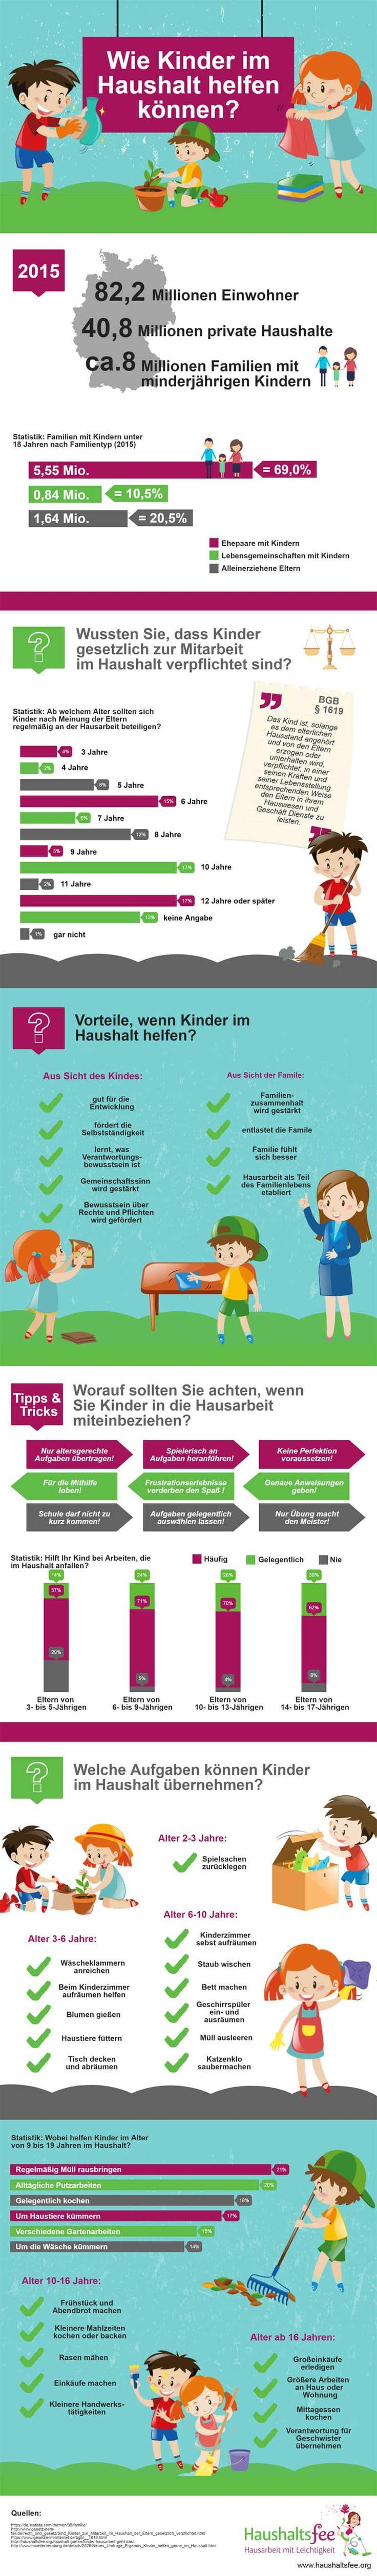 Große Infografik: Müssen Kinder im Haushalt helfen? Was können sie in welchem Alter machen? Kinder und Hausarbeit – der große Praxisreport | Haushaltsfee.org